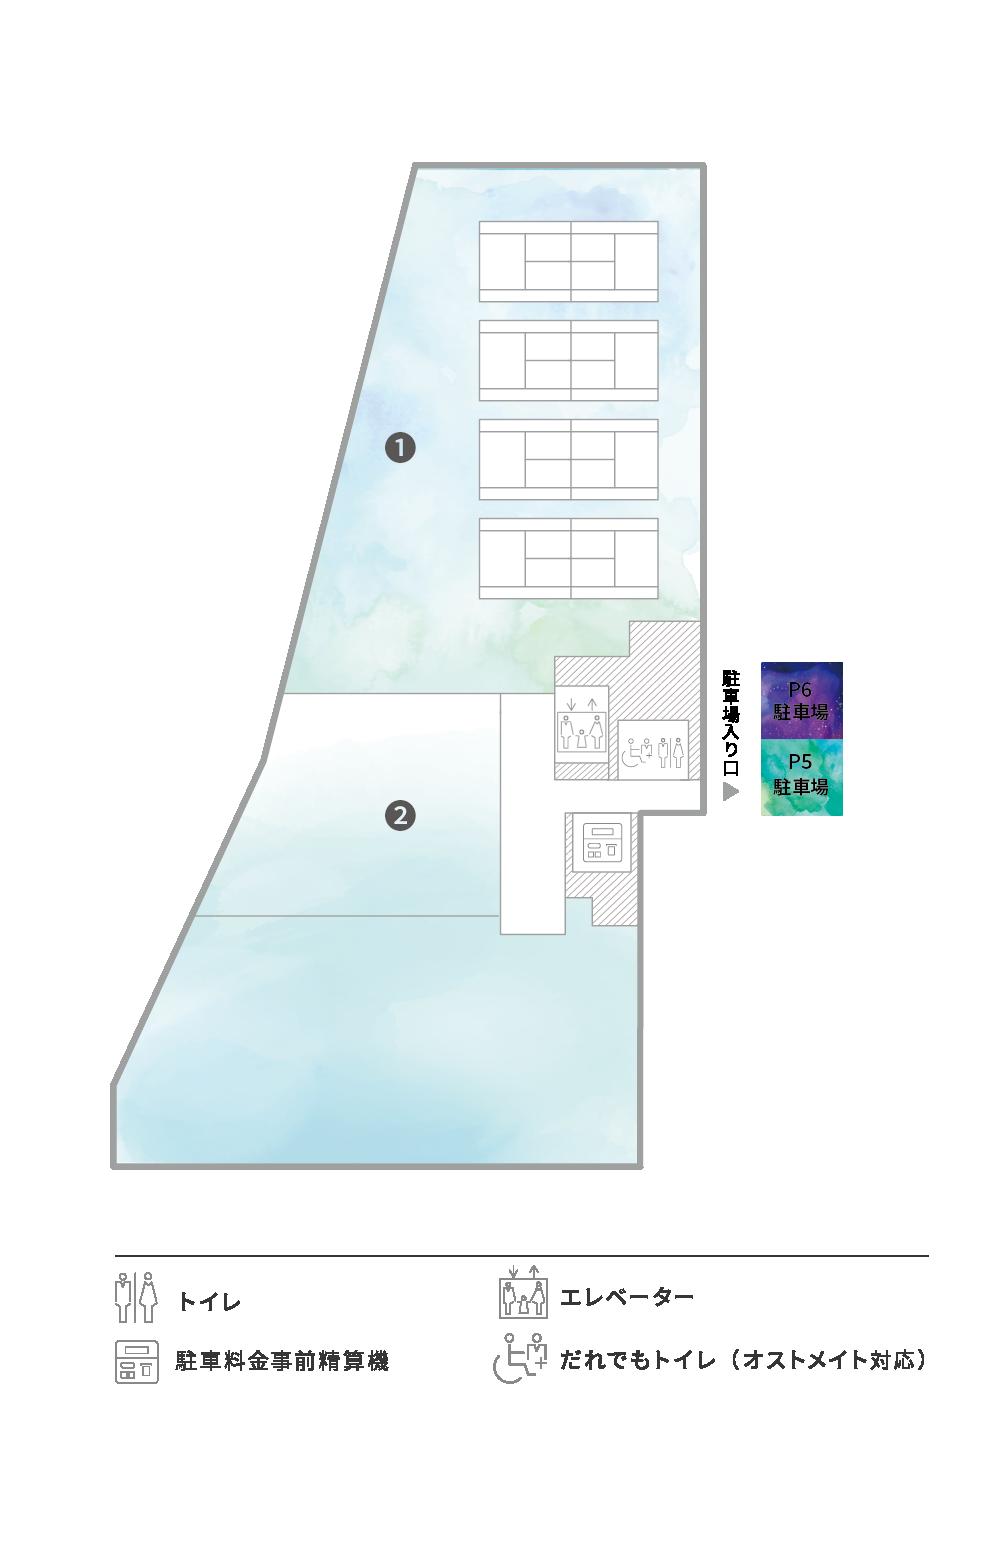 4F Floor Guide